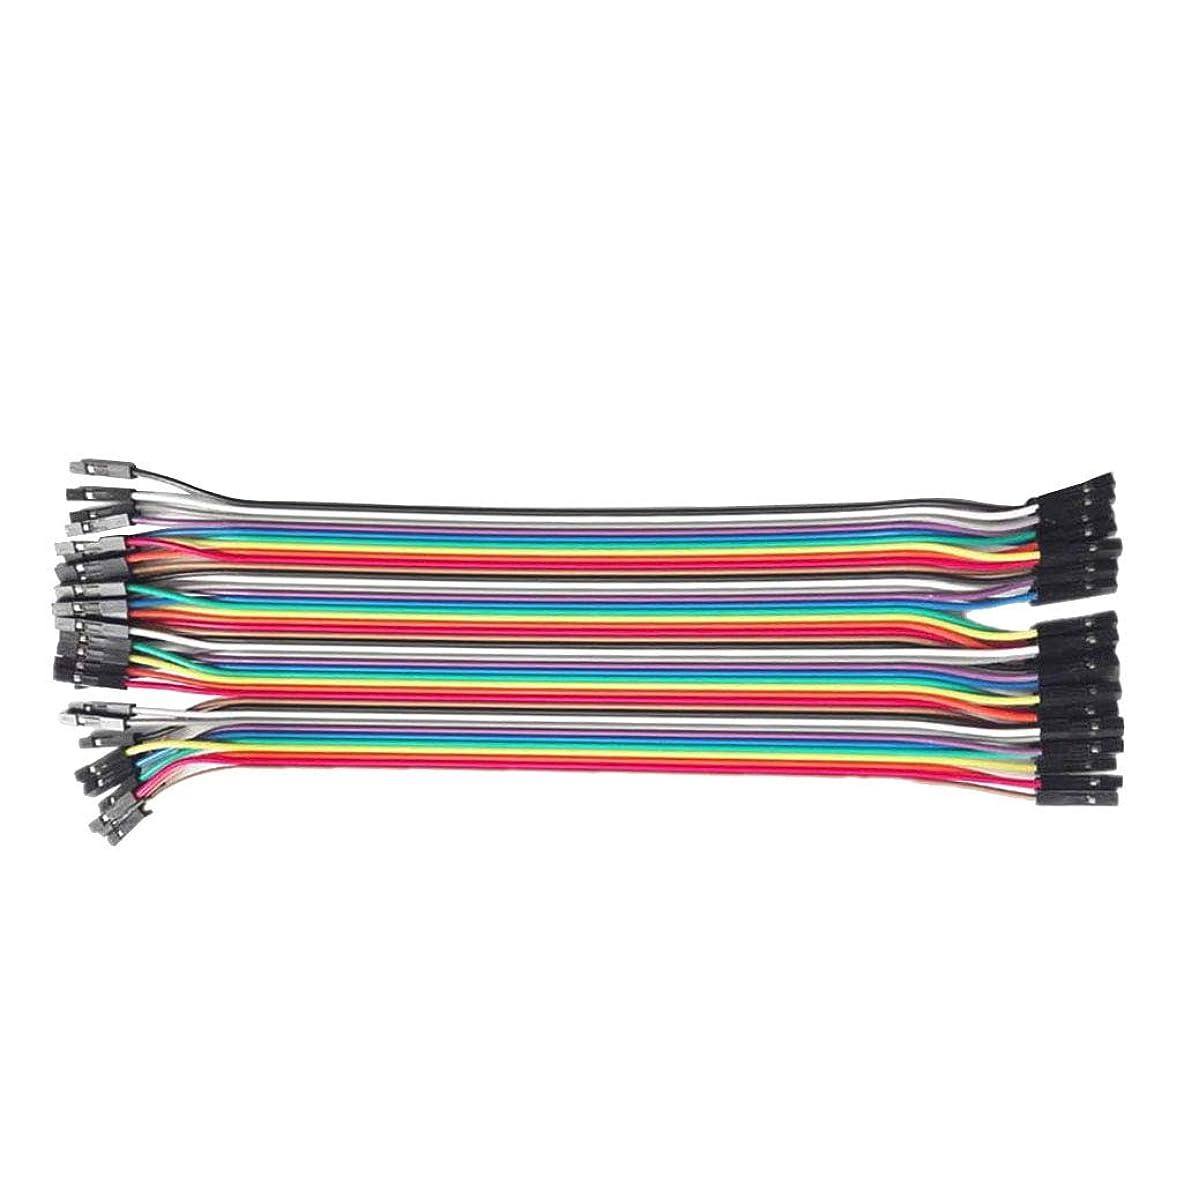 パステル蒸気トラップ最もよい40pcsデュポンワイヤー210MMケーブル線色1p-1pピンヘッダーのコネクター